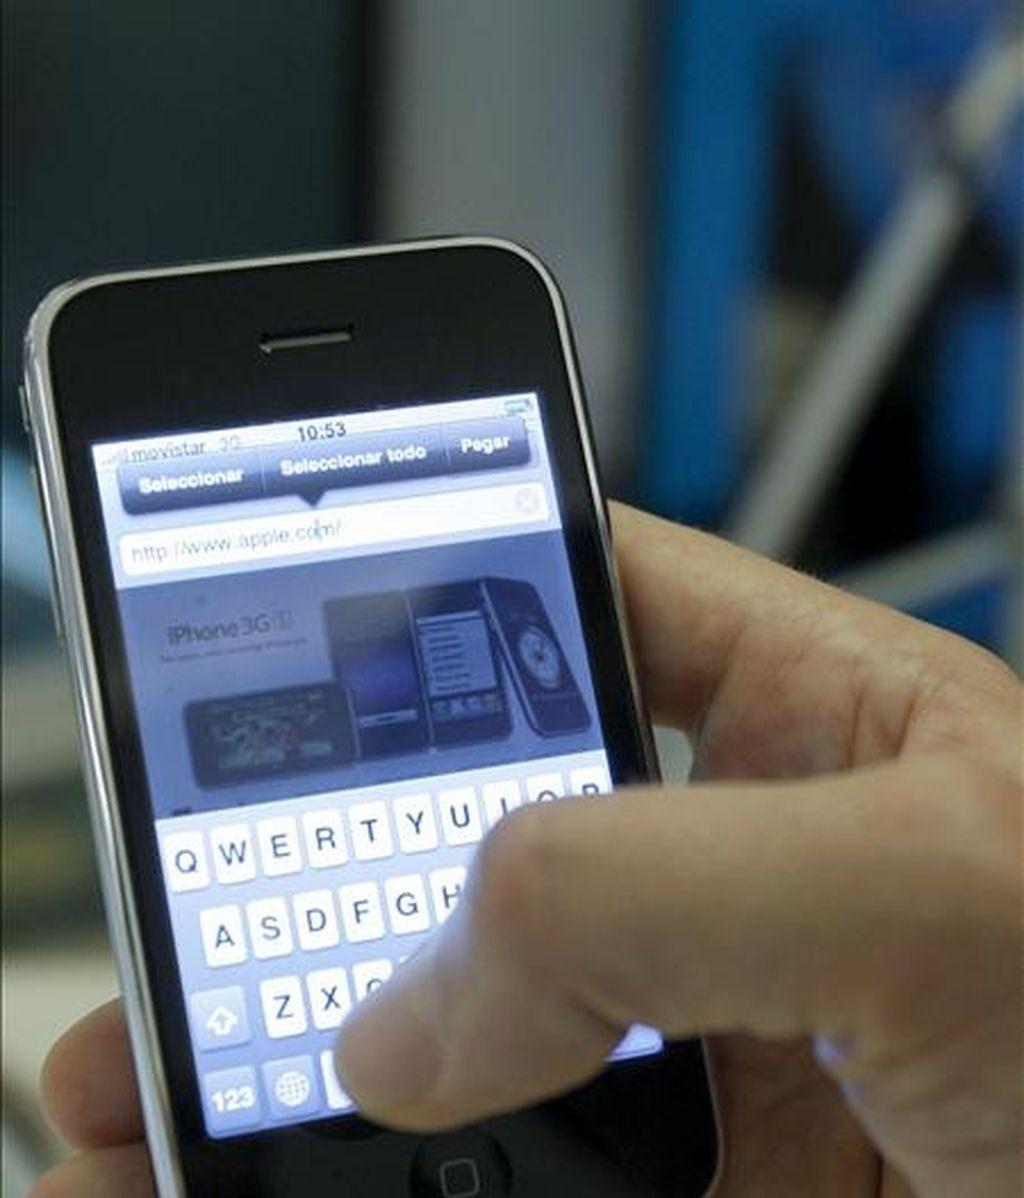 En la imagen, un iPhone 3GS.  EFE/Archivo